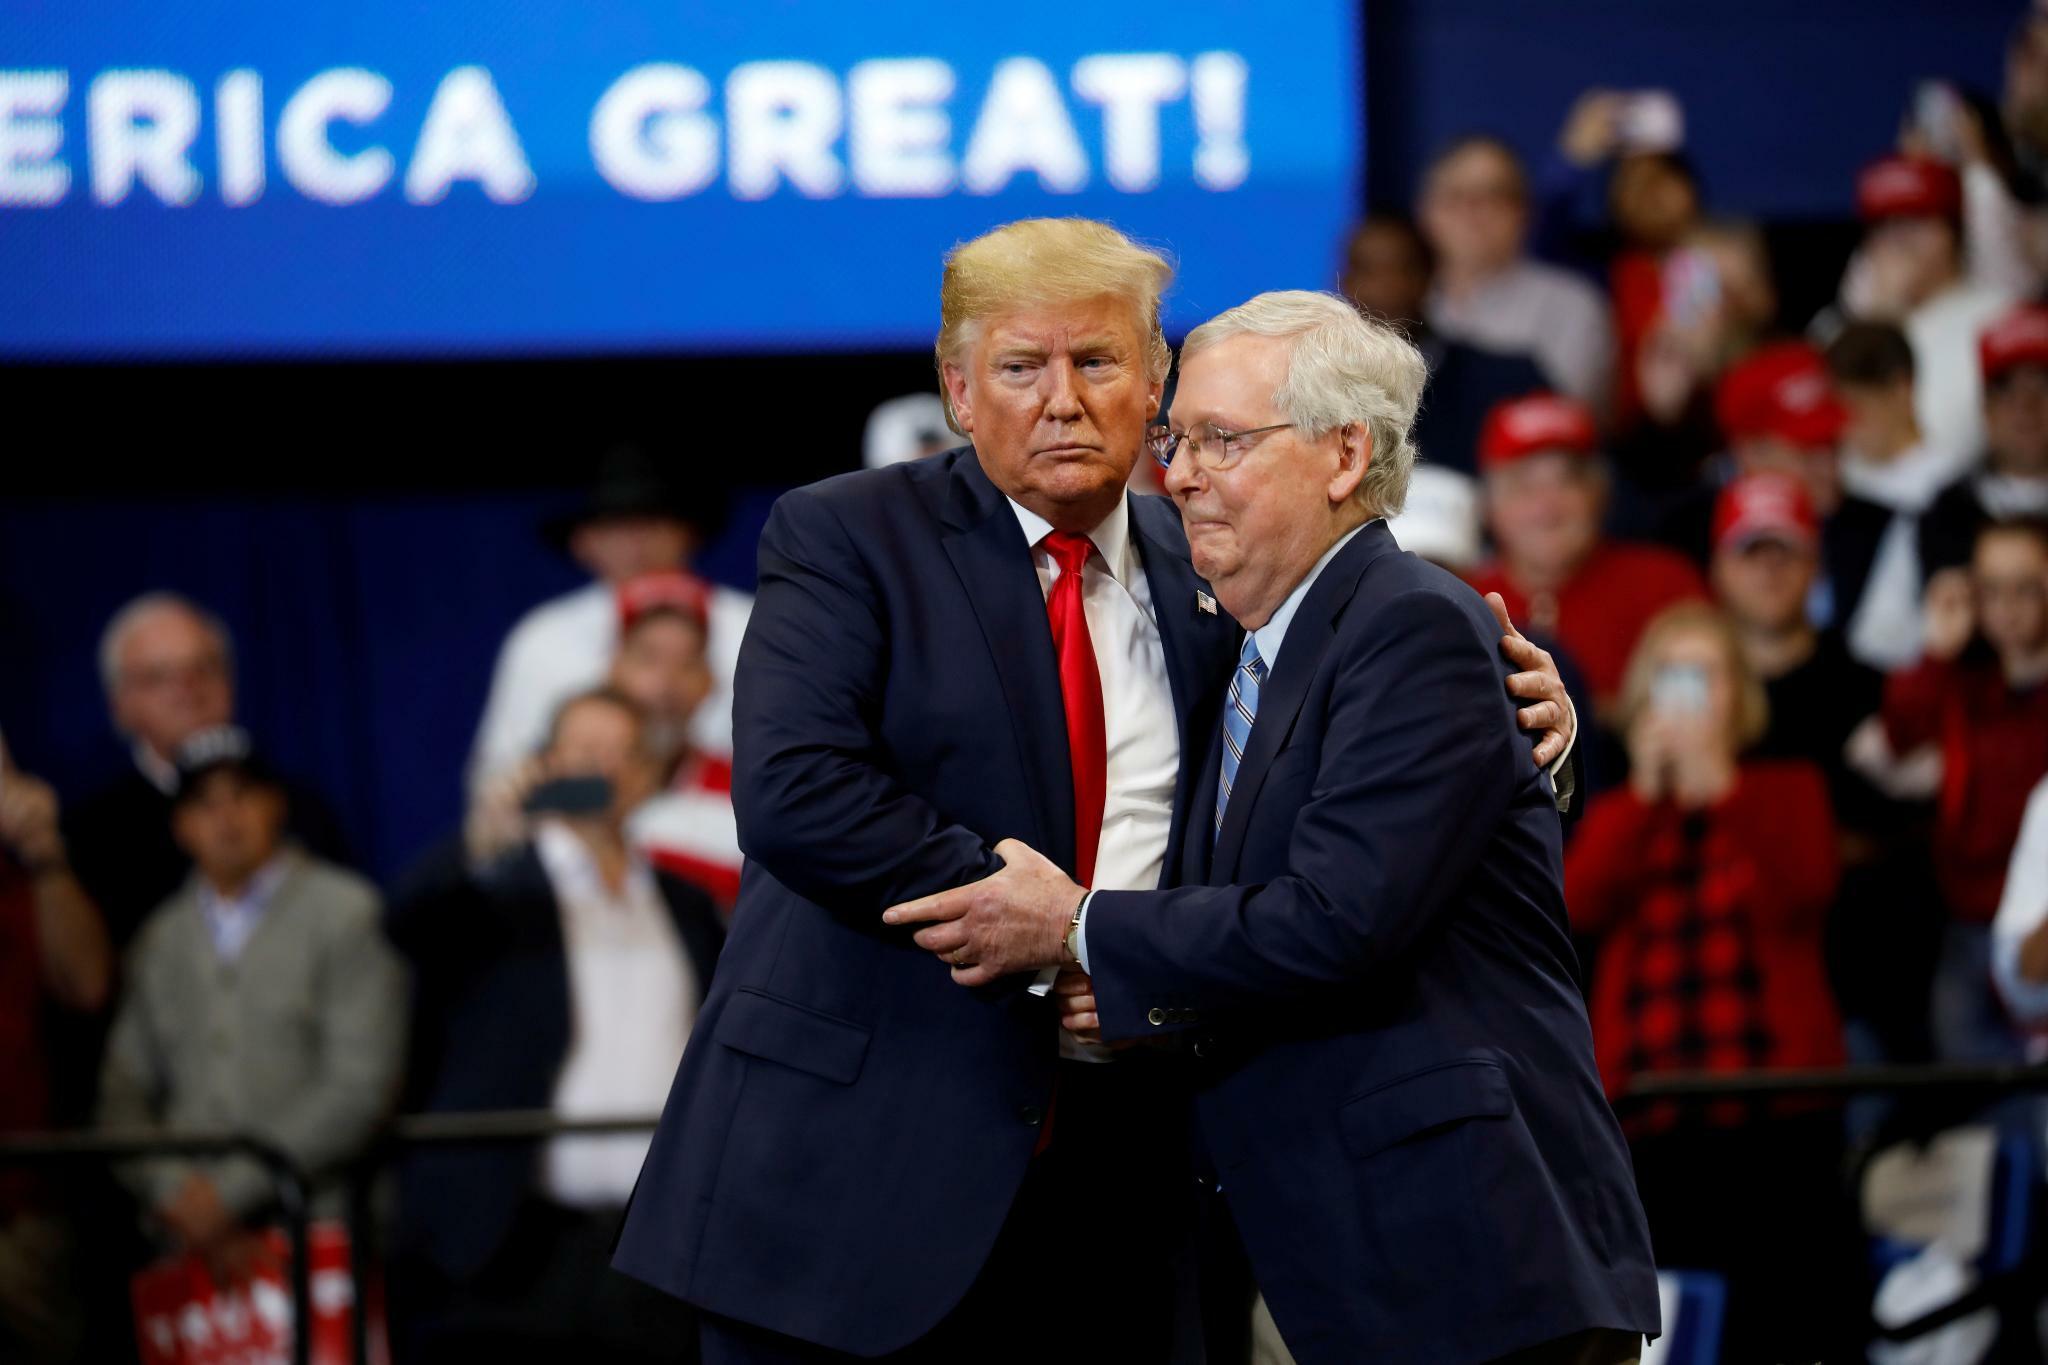 Amtsenthebungsverfahren: Republikaner planen kurzen Impeachment-Prozess – Keine Garantie für Zeugen